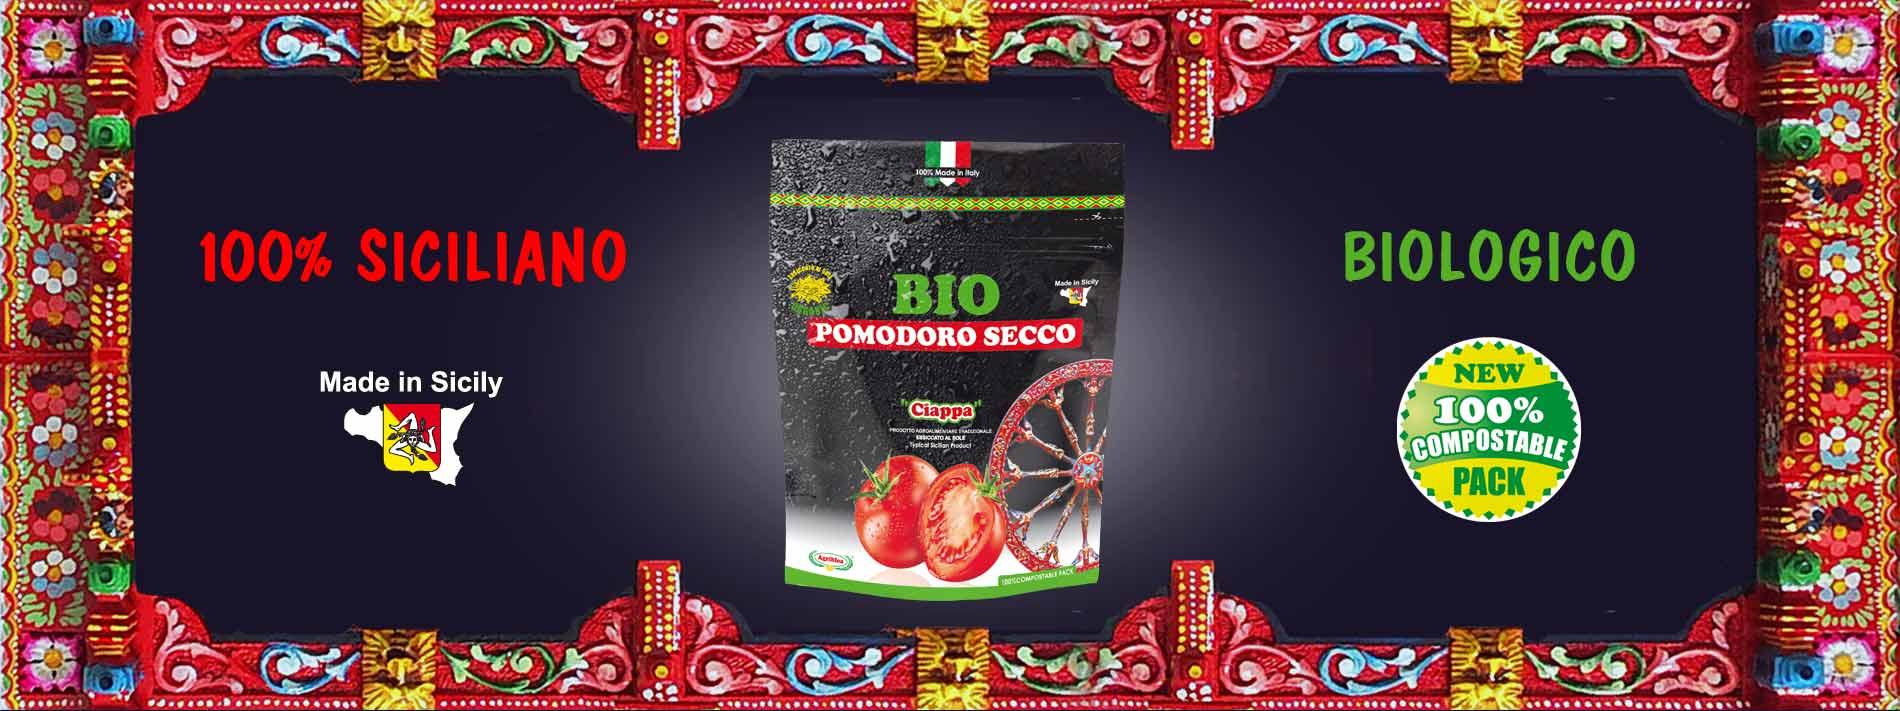 pomodori secchi bio 100% MADE IN SICILY